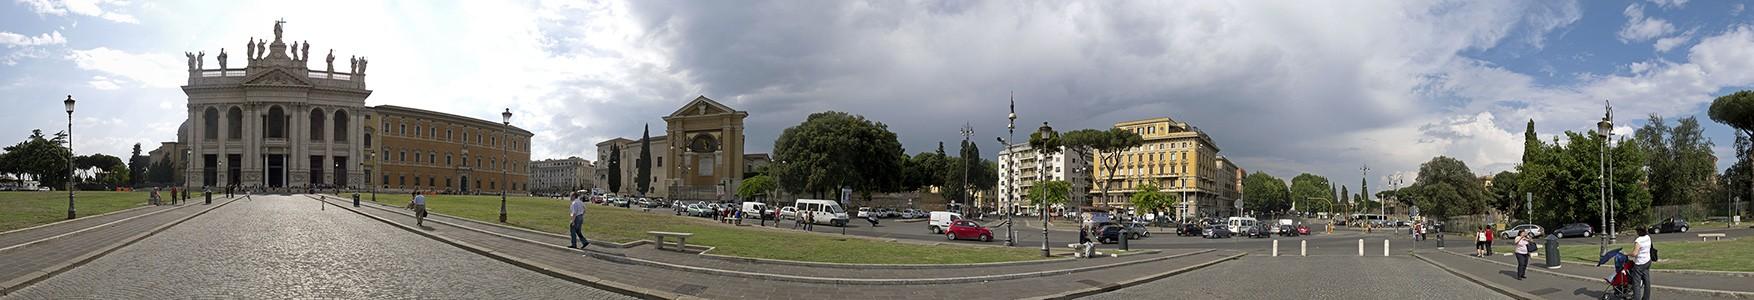 Piazza di Porta San Giovanni: Lateranbasilika (San Giovanni in Laterano), Lateranpalast, Apsis des Leonischen Triclinium Rom